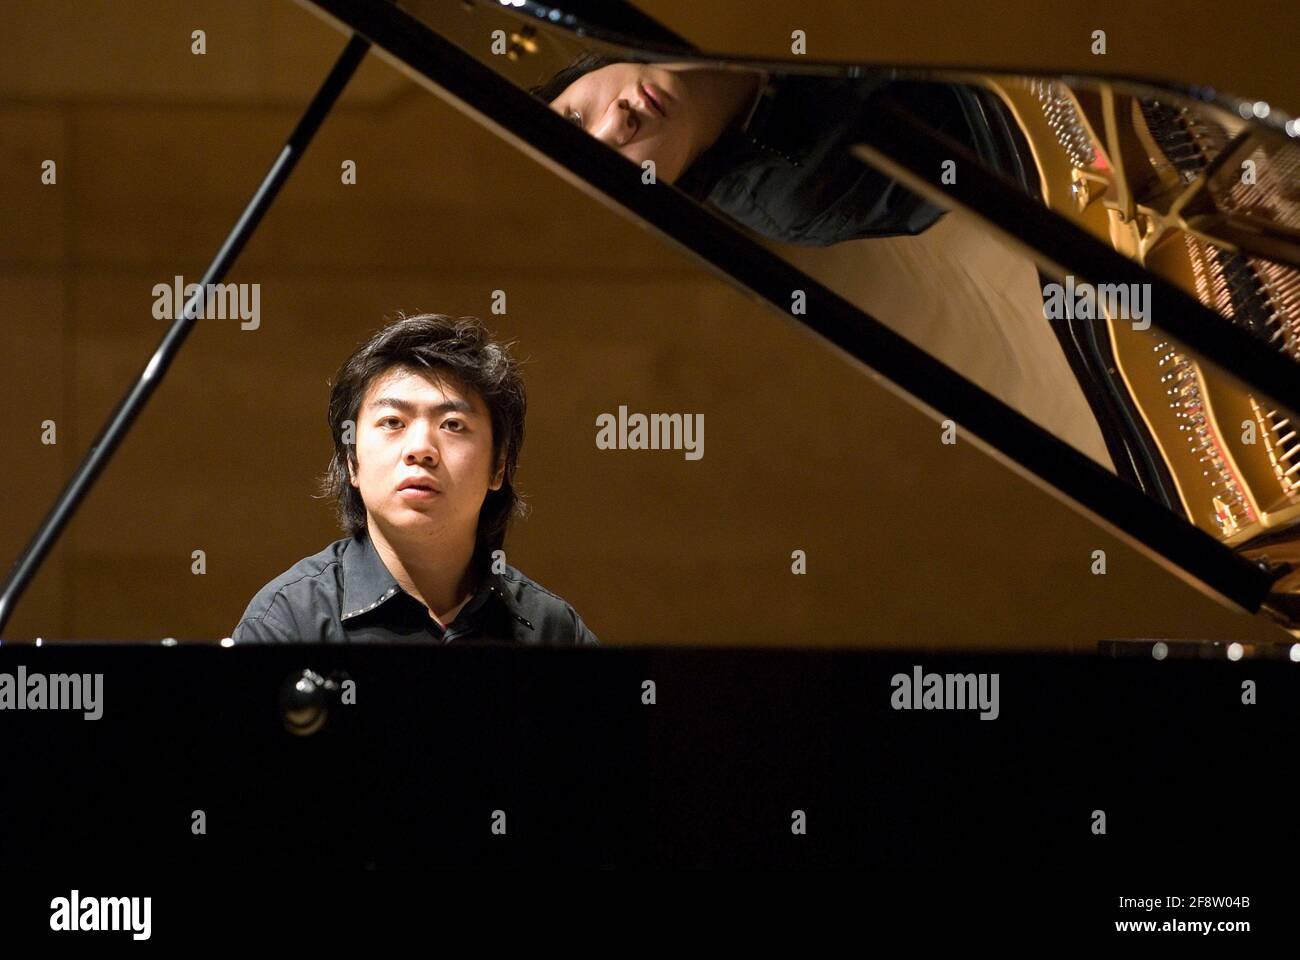 DEU, Deutschland, Ruhrgebiet, Essen, 10.02.2006: Der pianist Lang bei der Probe vor seinem Konzert in der Philharmonie Essen. [(c) Michael Kneffe Foto Stock